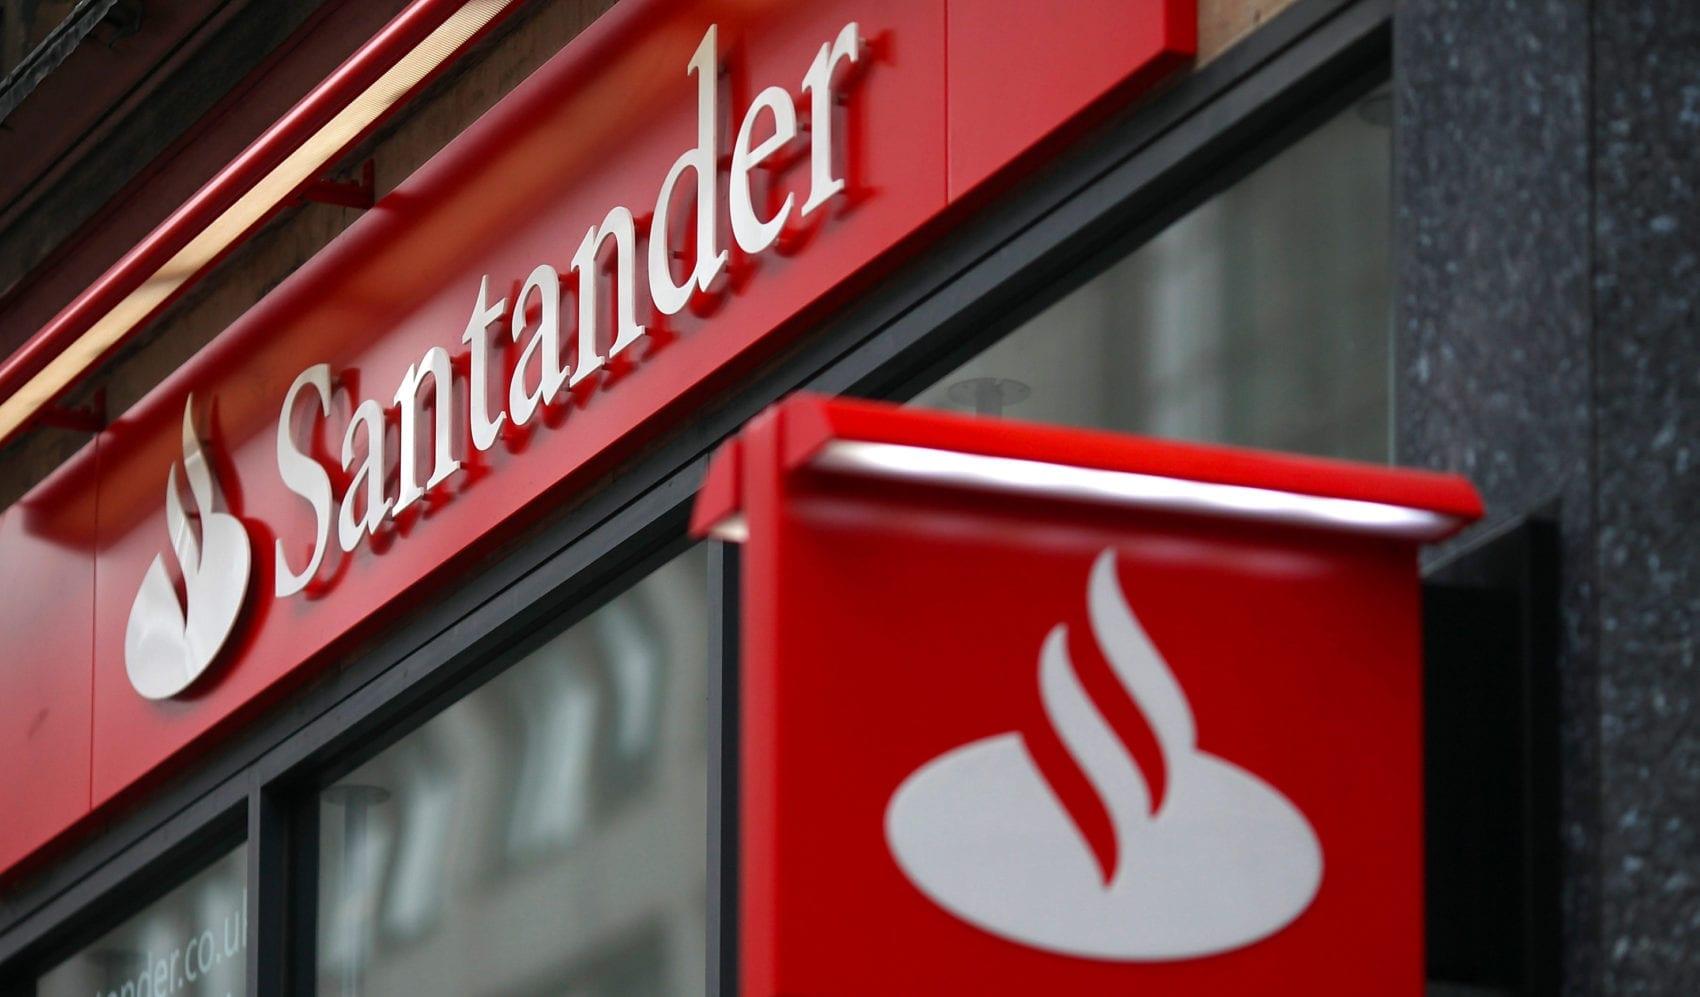 previdência privada Santander